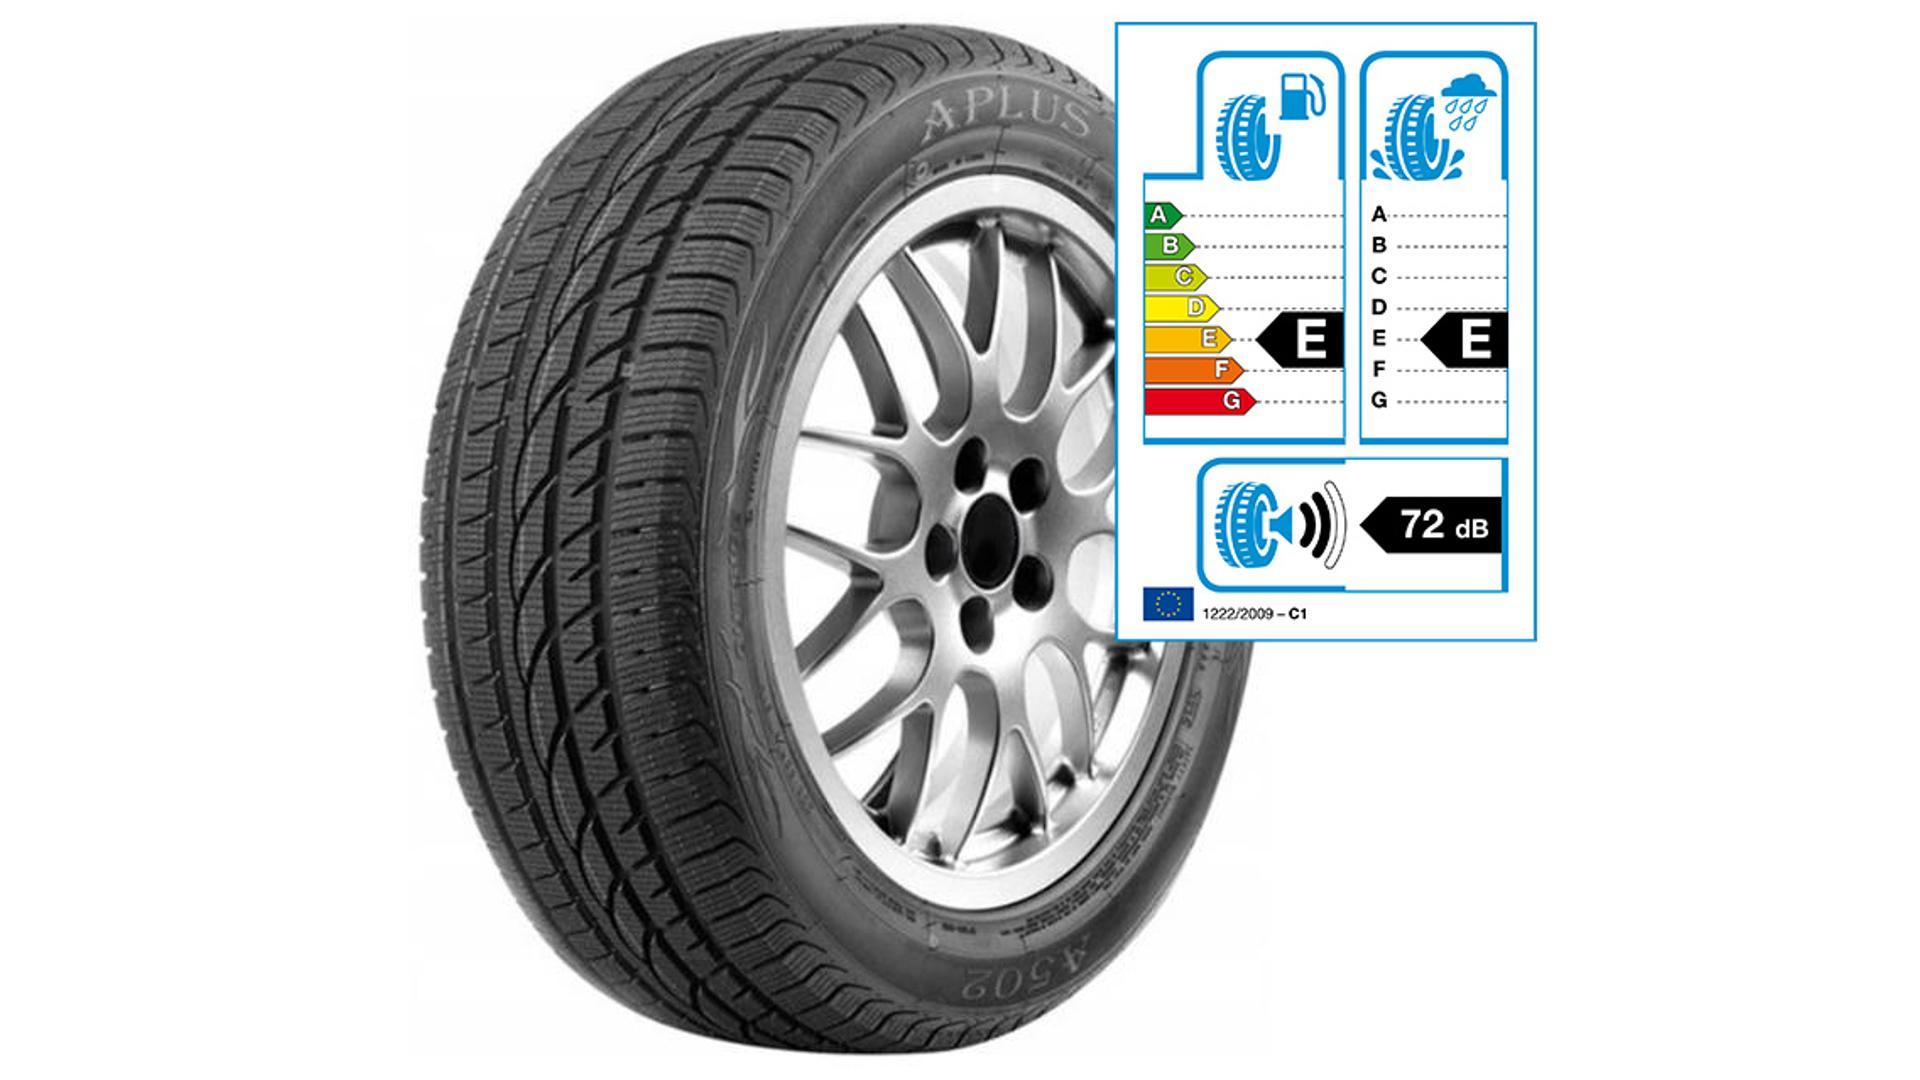 A502 Zimná pneumatika 185/60R14 82T